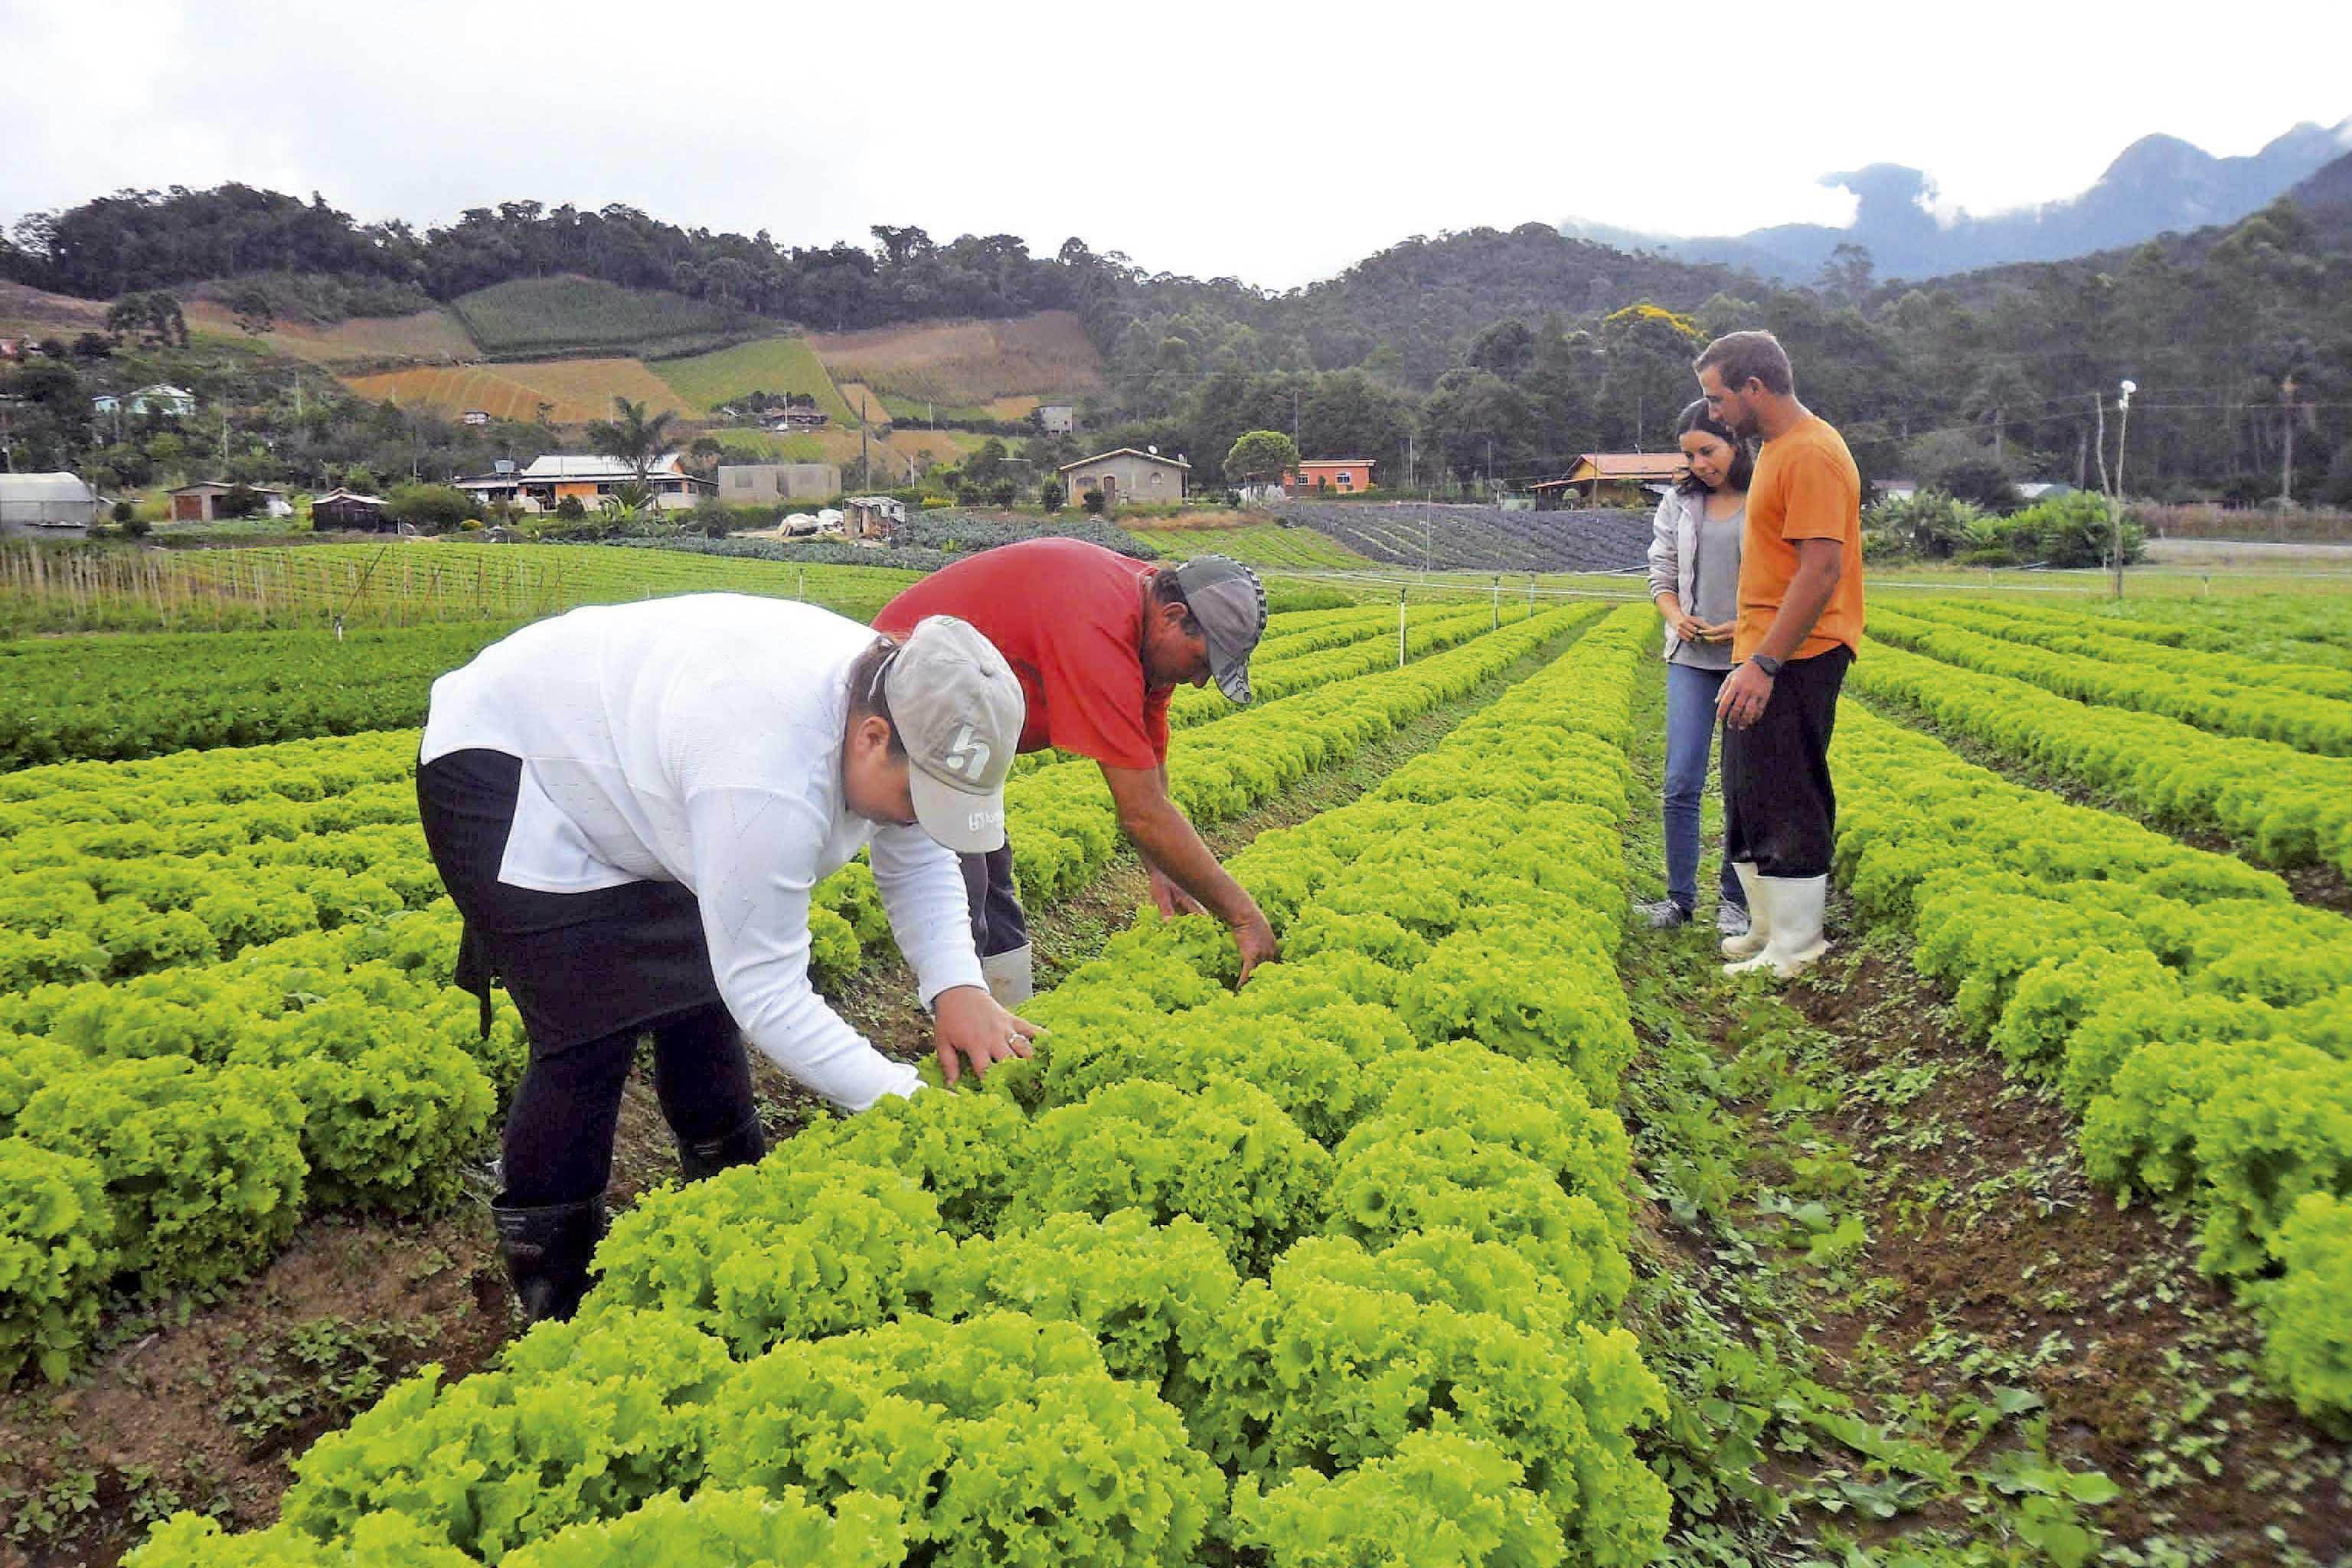 Apenas 19% de produtores rurais do país são mulheres